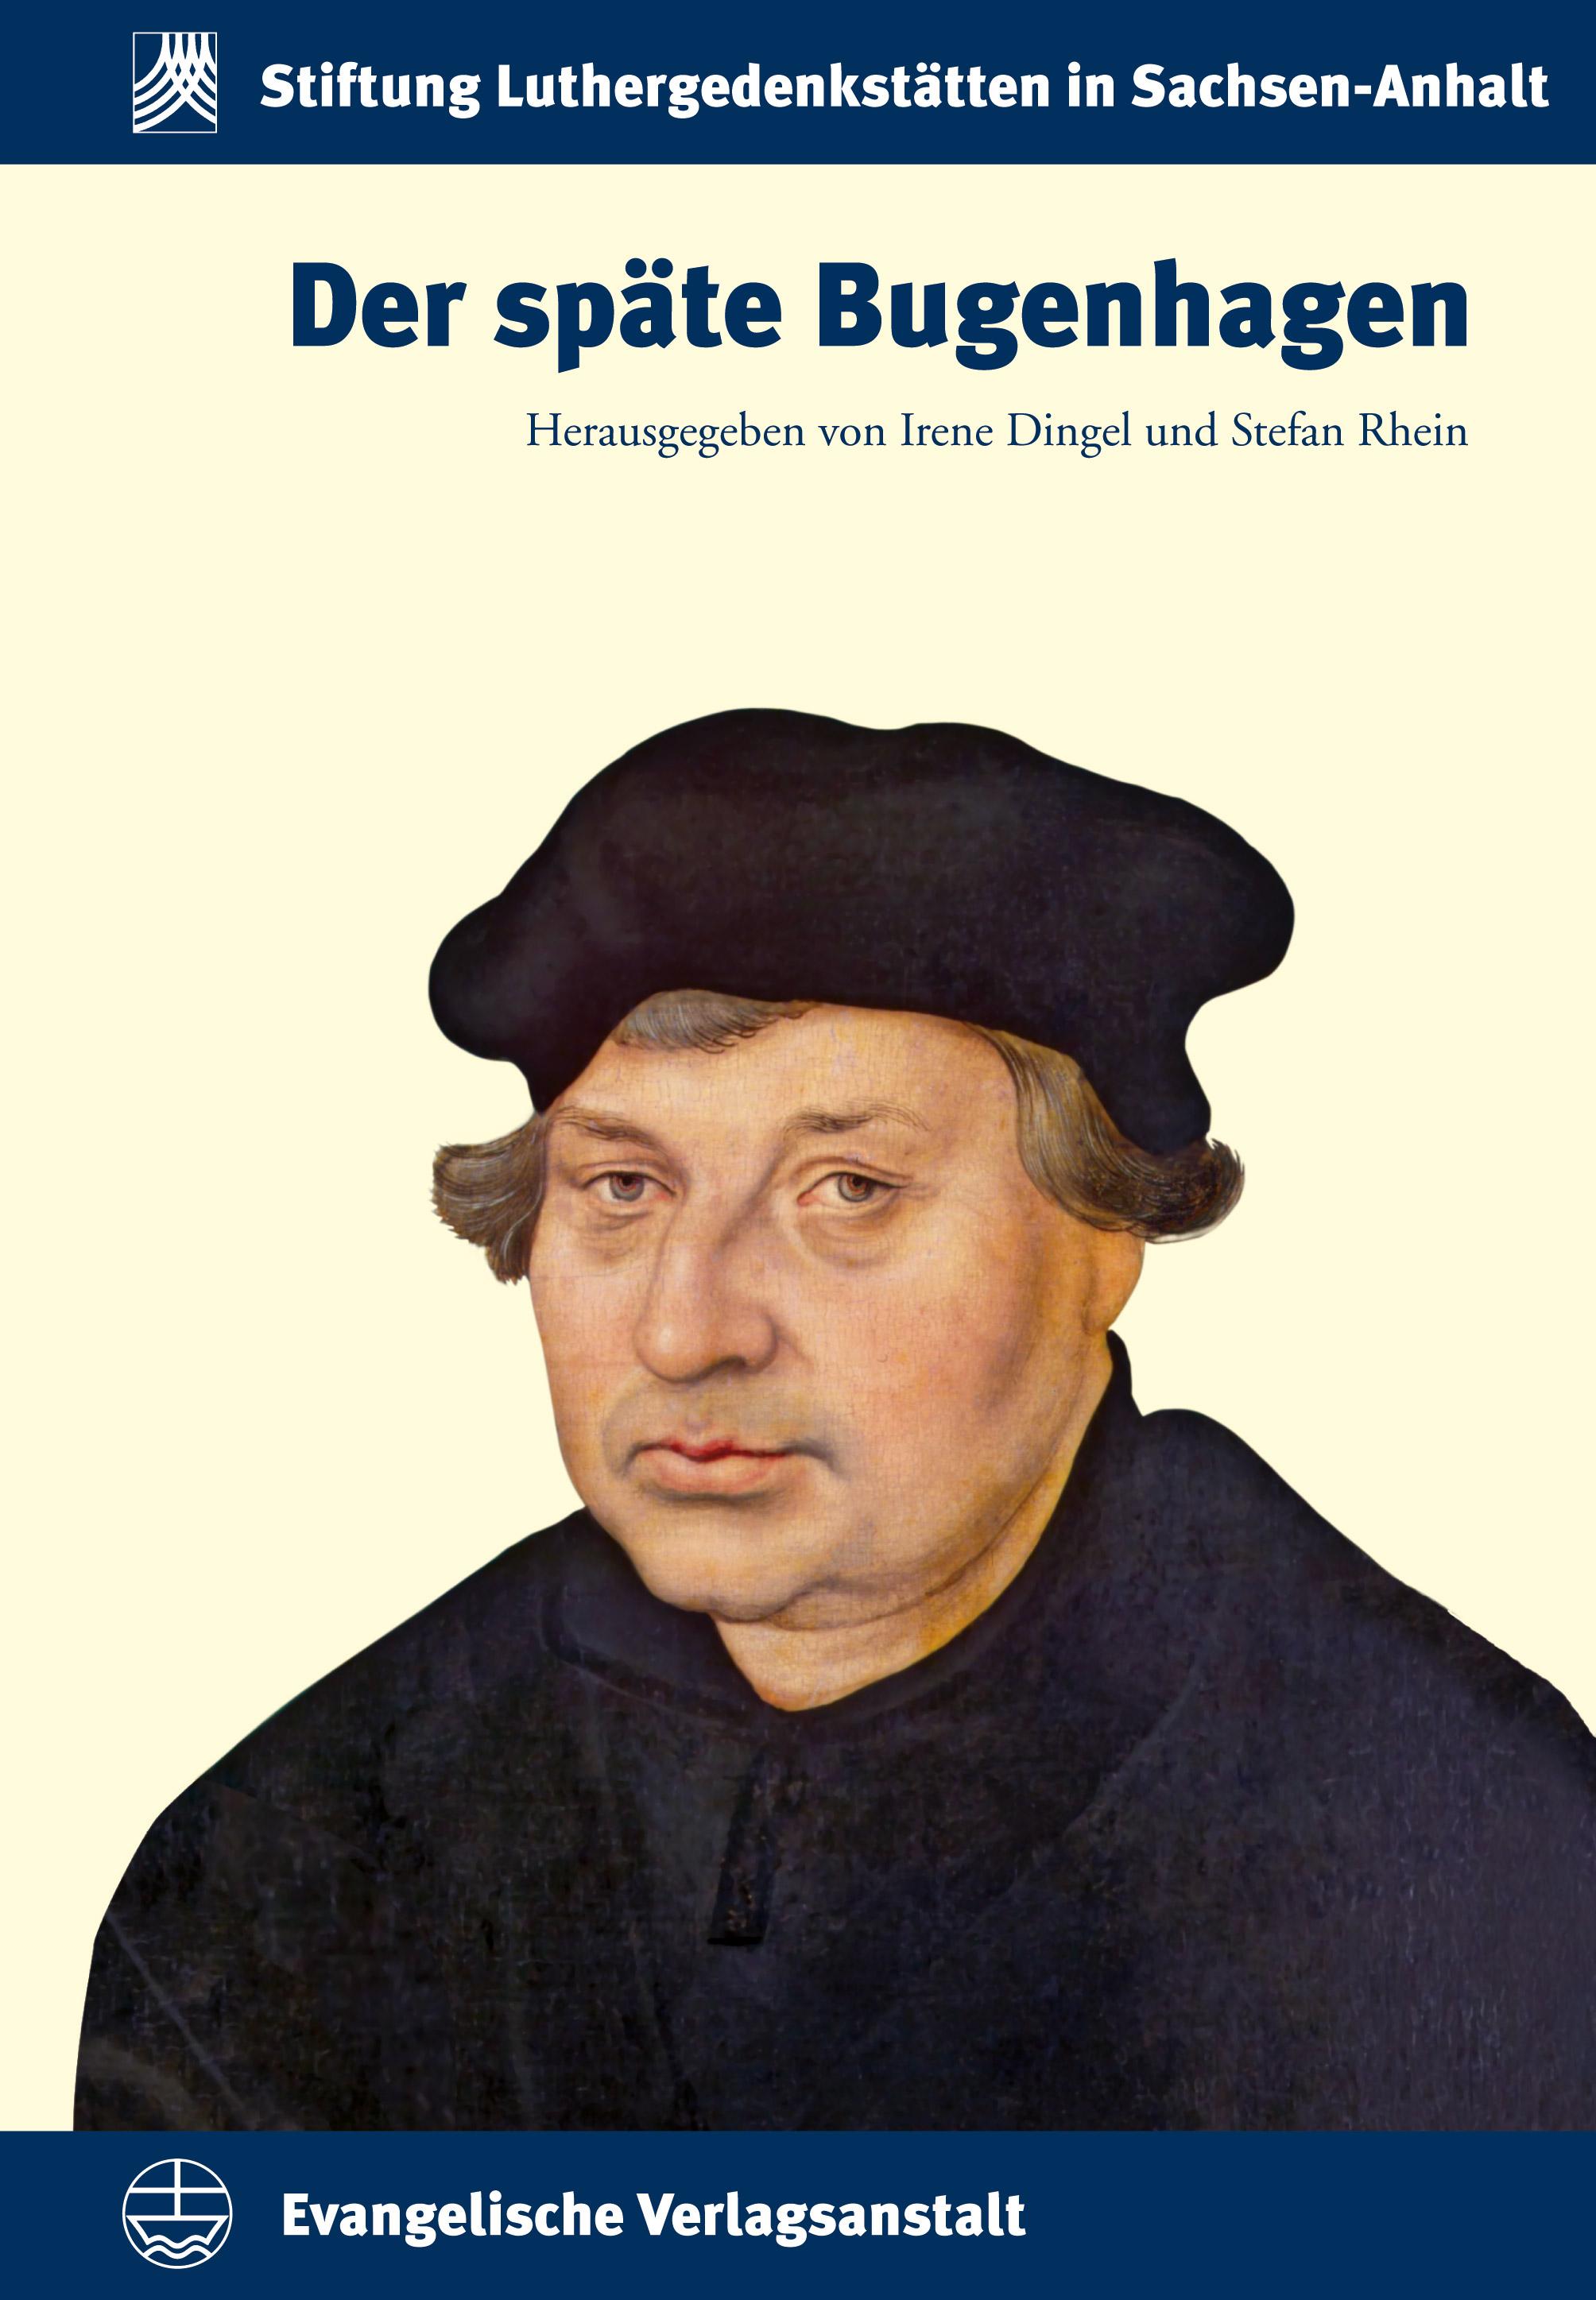 Der späte Bugenhagen | Irene Dingel, Stefan Rhein (